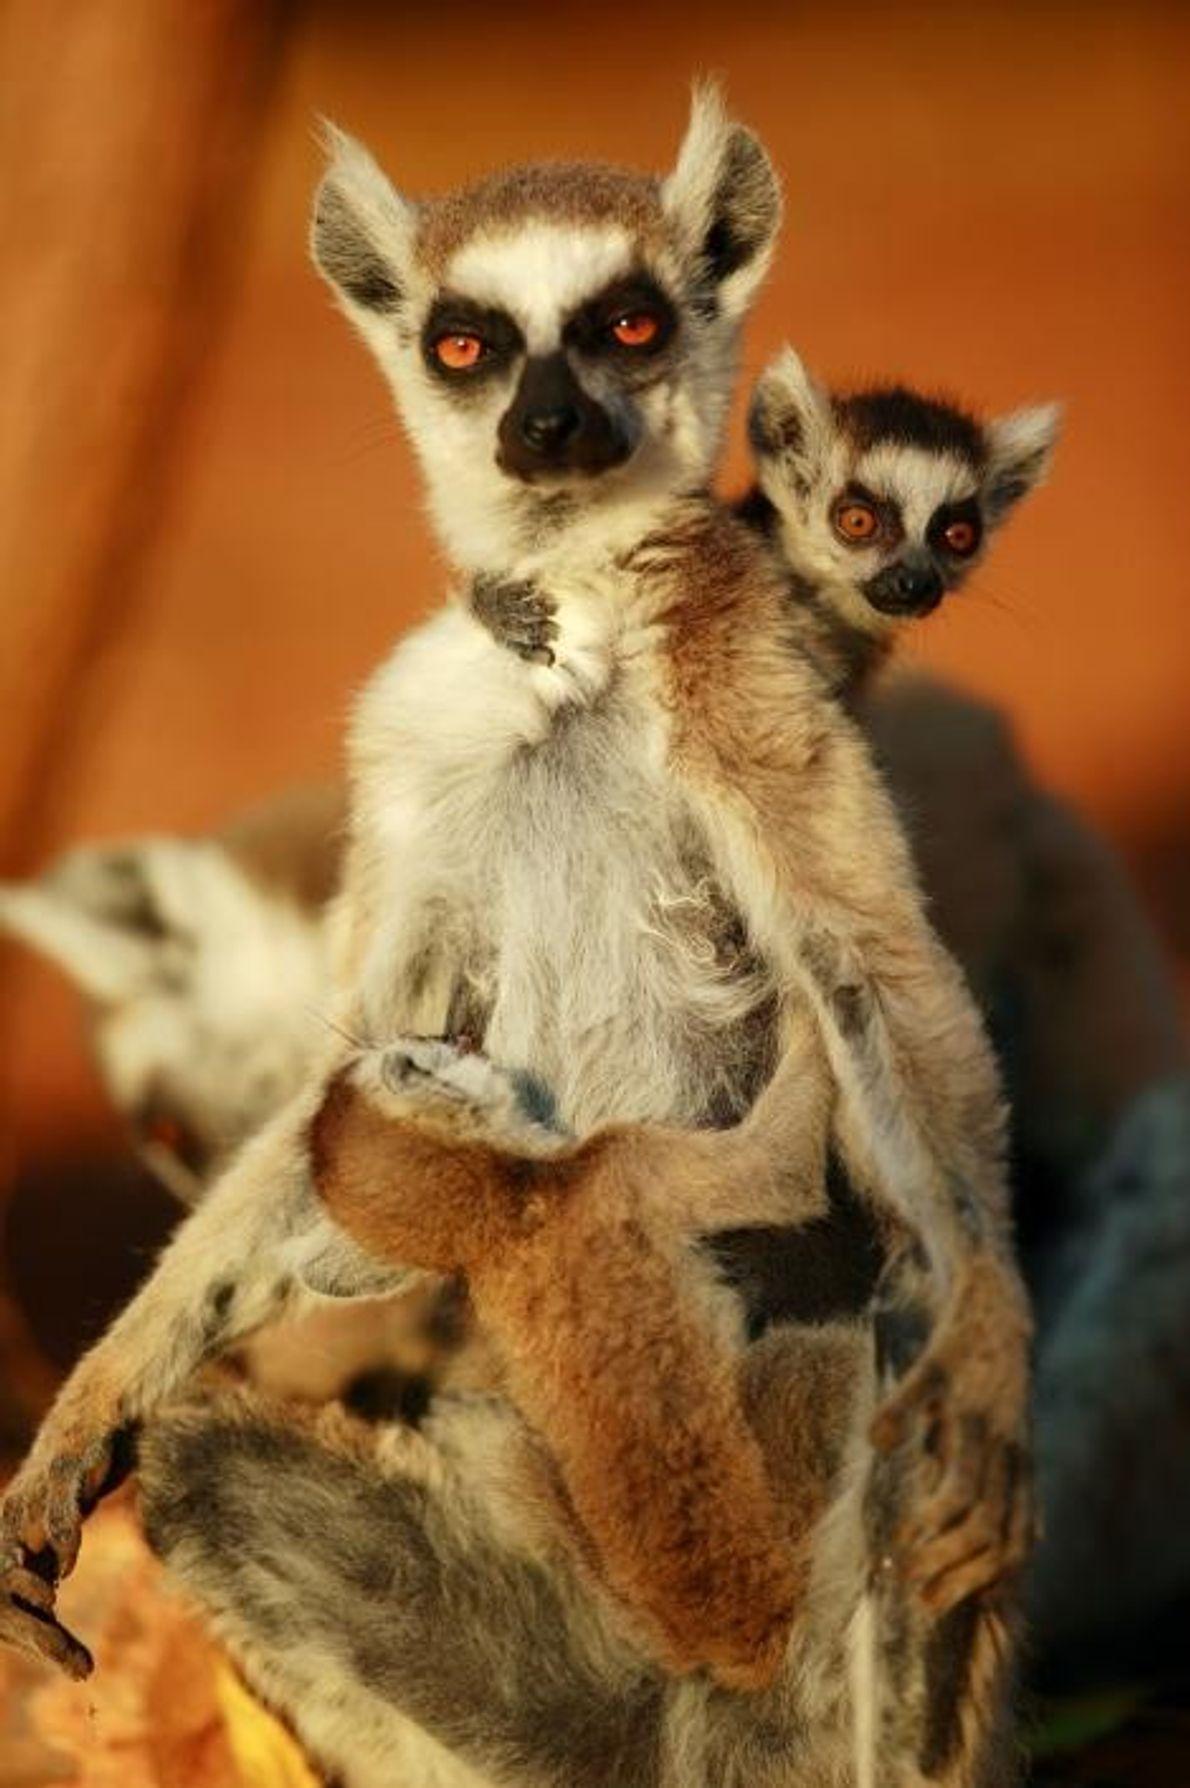 Un mère maki catta et ses jumeaux, classés comme espèce vulnérable, à Madagascar.